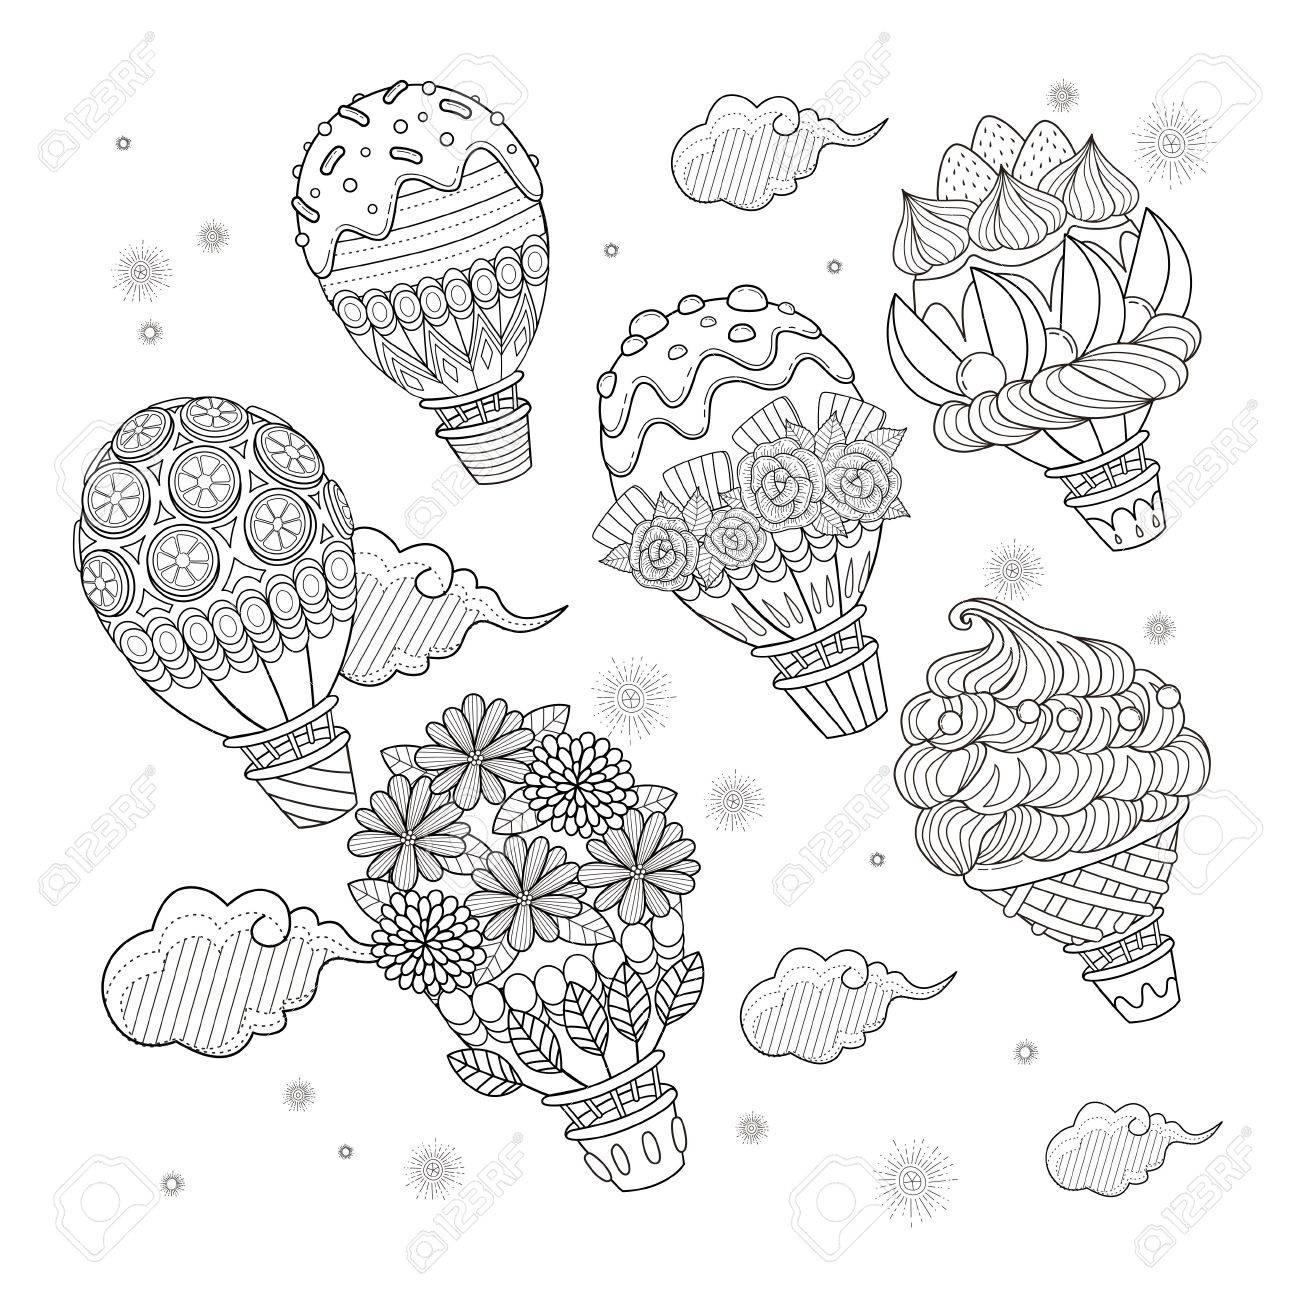 Heißluftballon Erwachsener Malvorlagen, Schöne Süßigkeiten ...